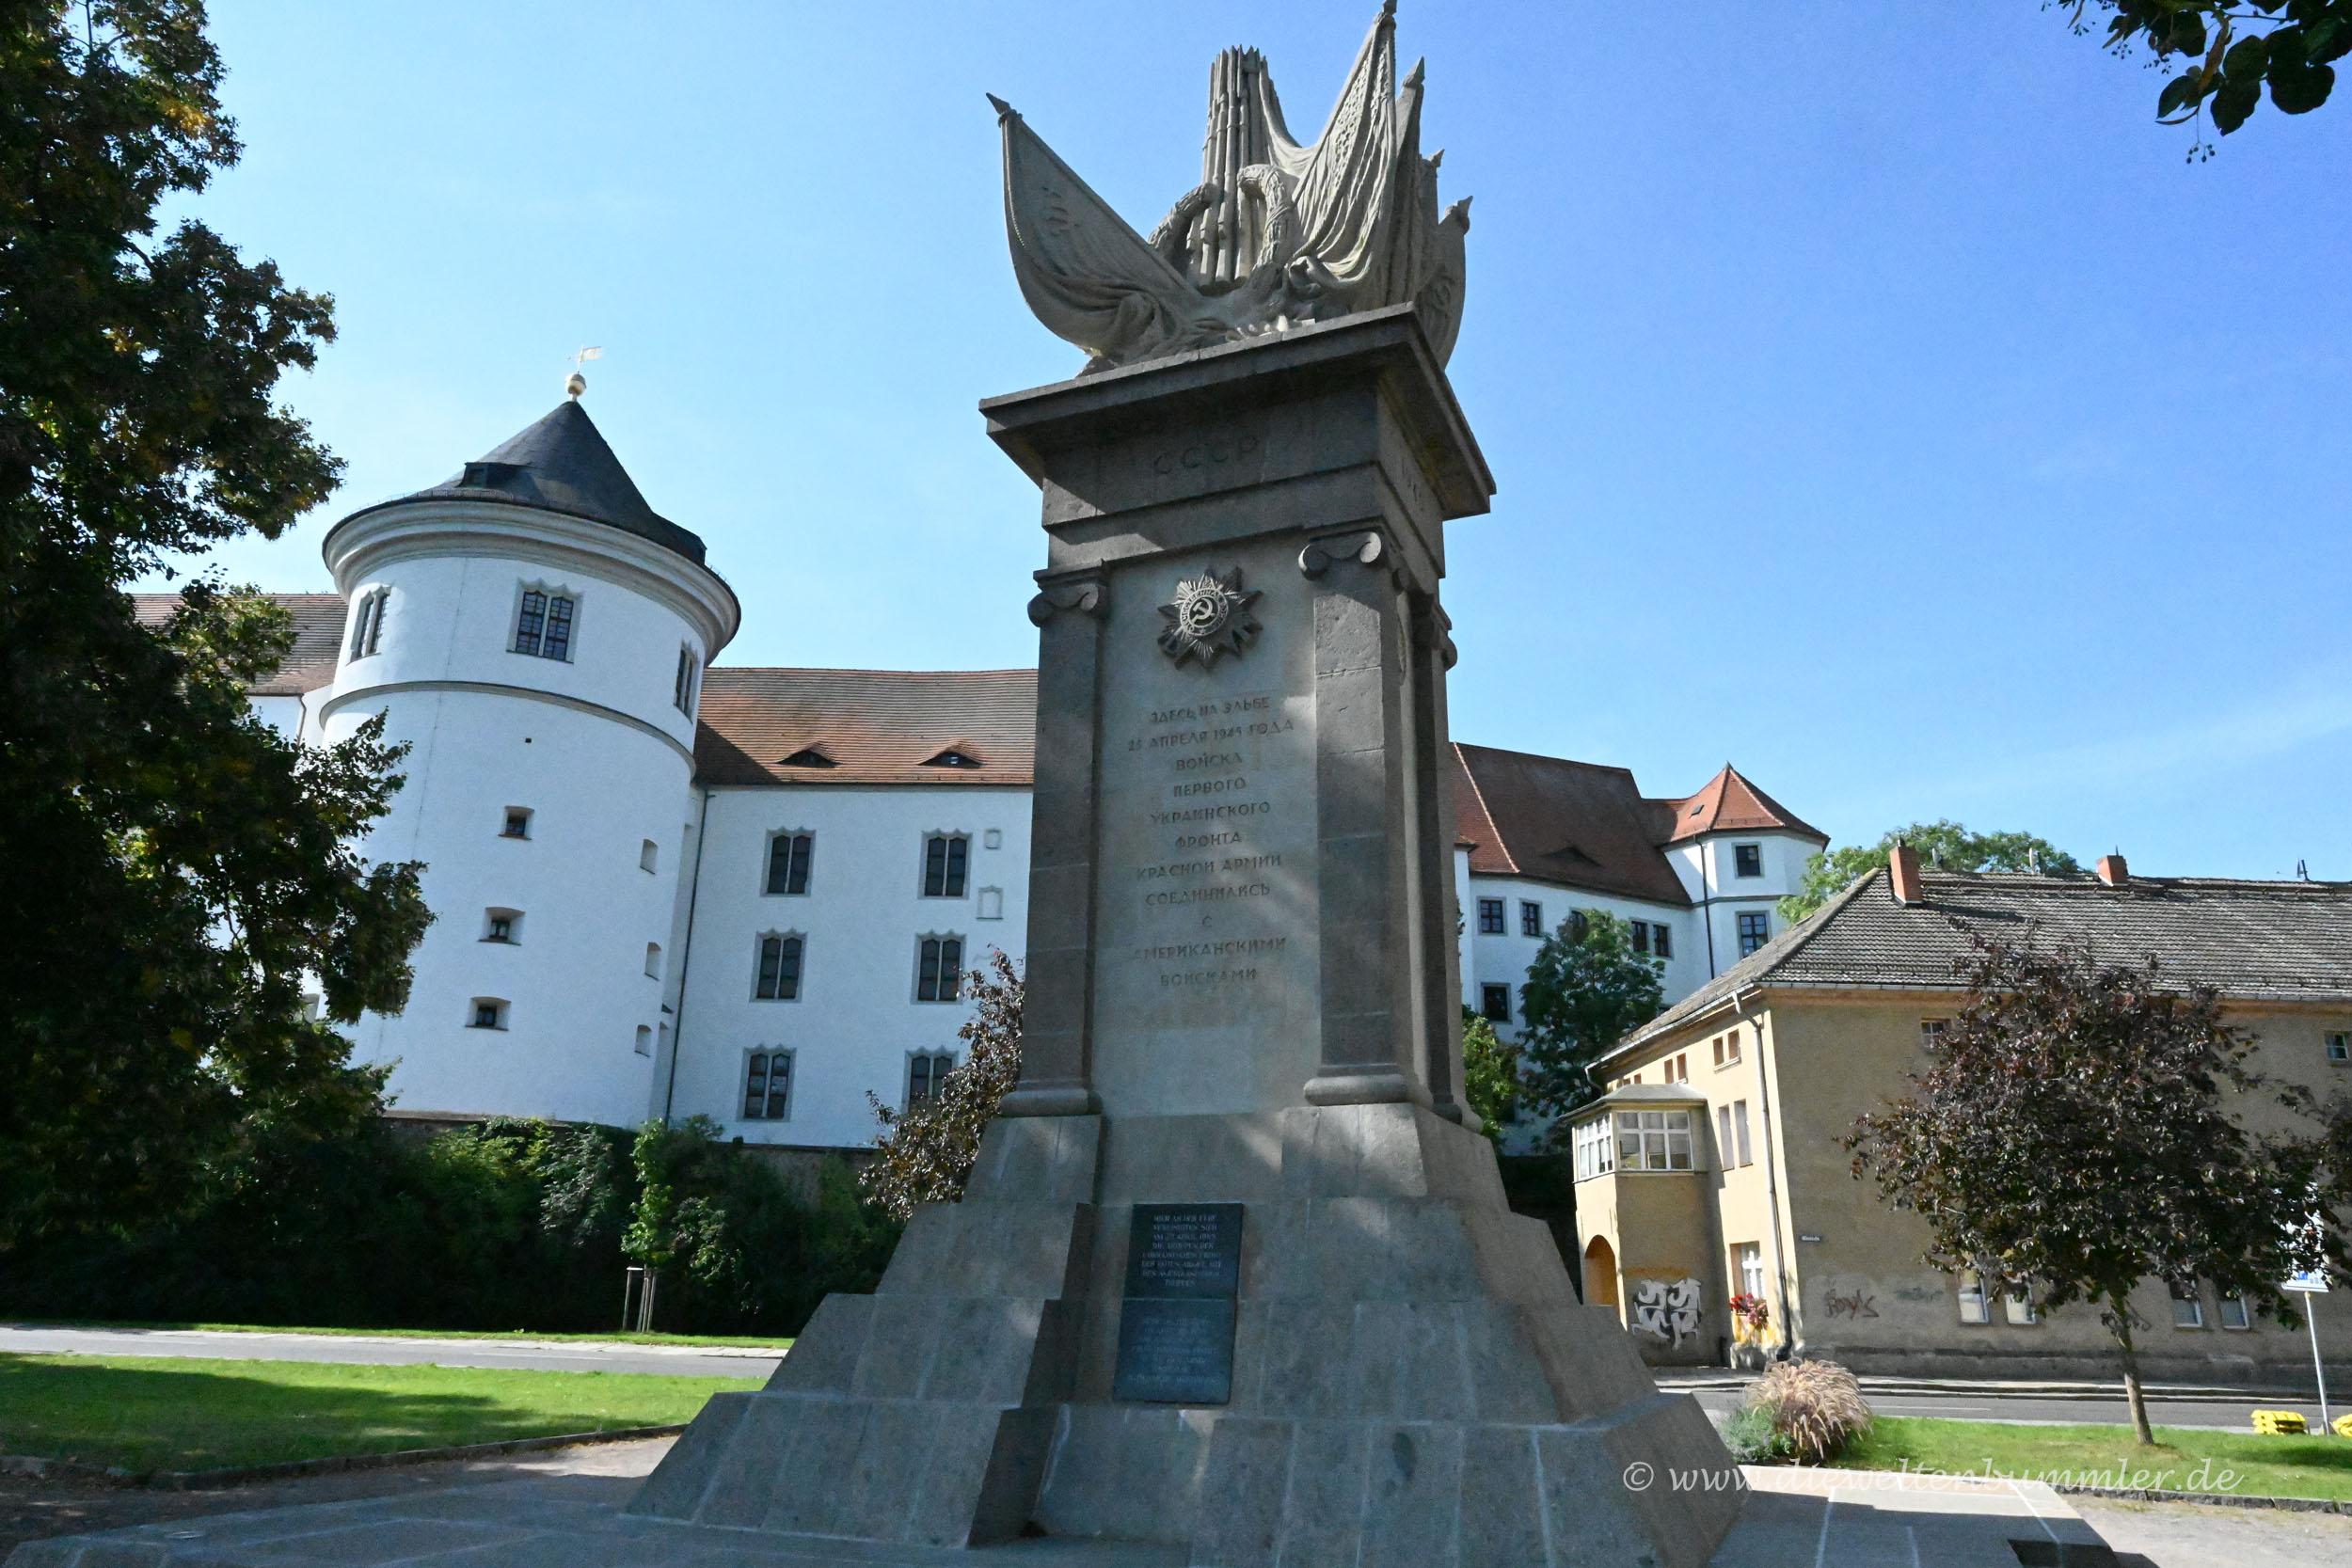 Denkmal in Torgau